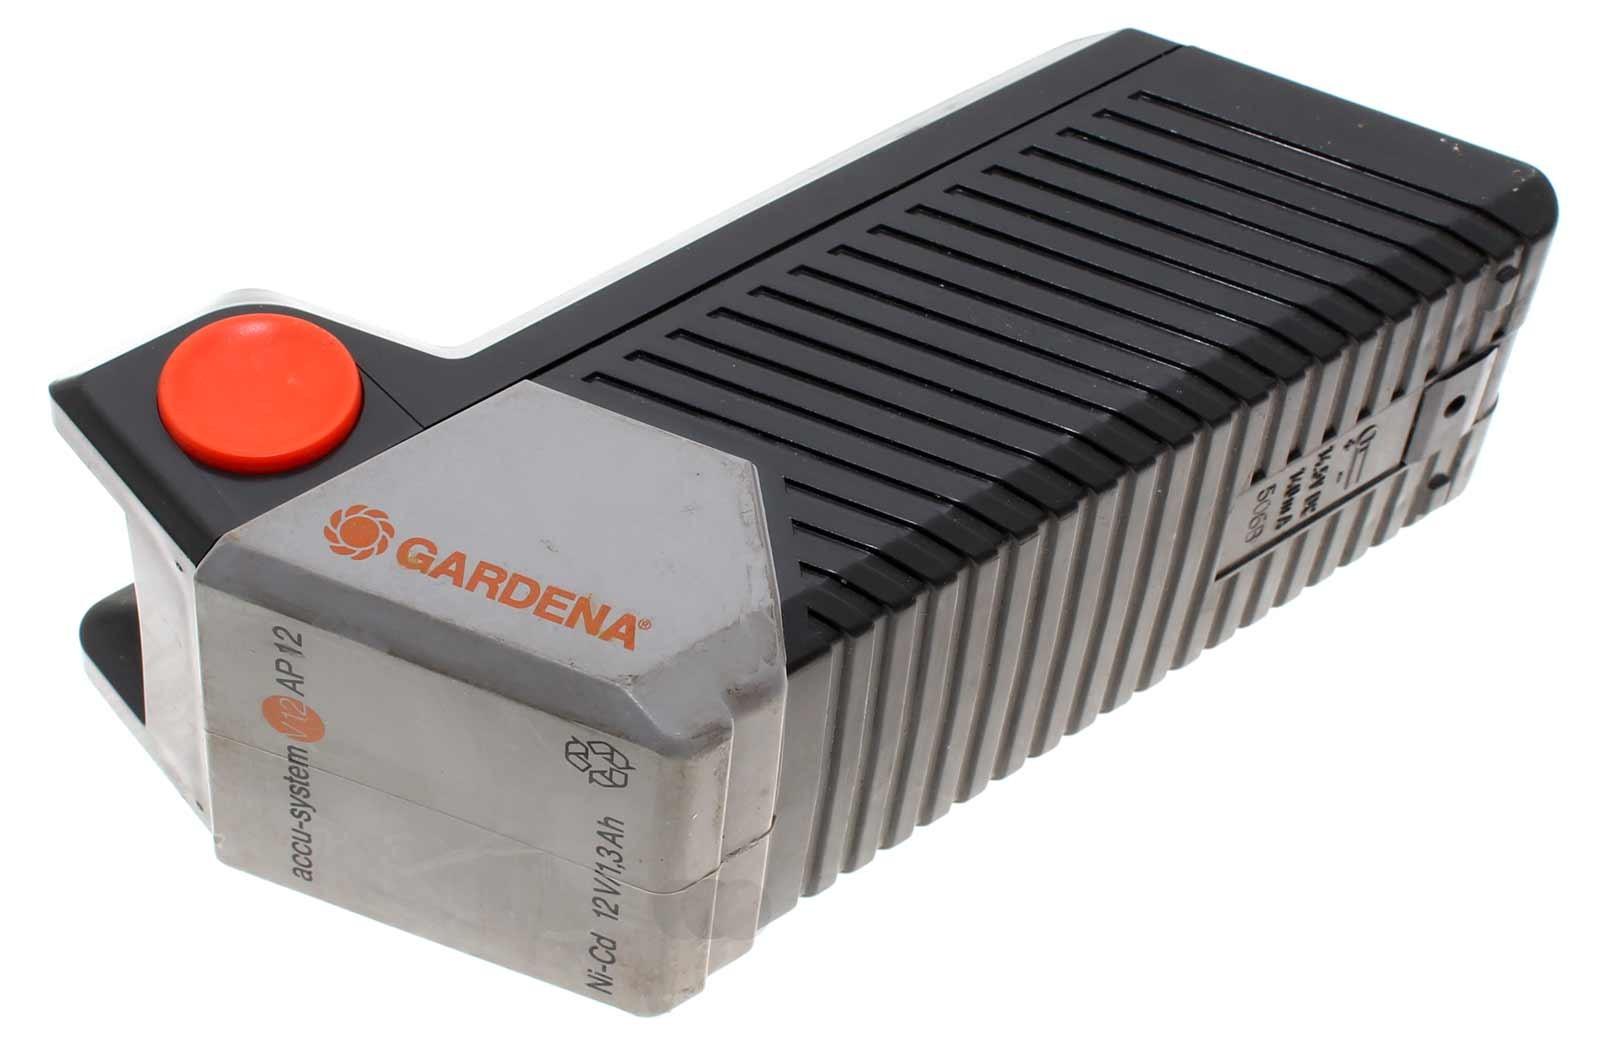 Gardena Akku 2110, Accu-System V12 AP12 mit 12 Volt und 3000mAh Kapazität. Gebrauchtes Gehäuse mit neuen Akku-Zellen